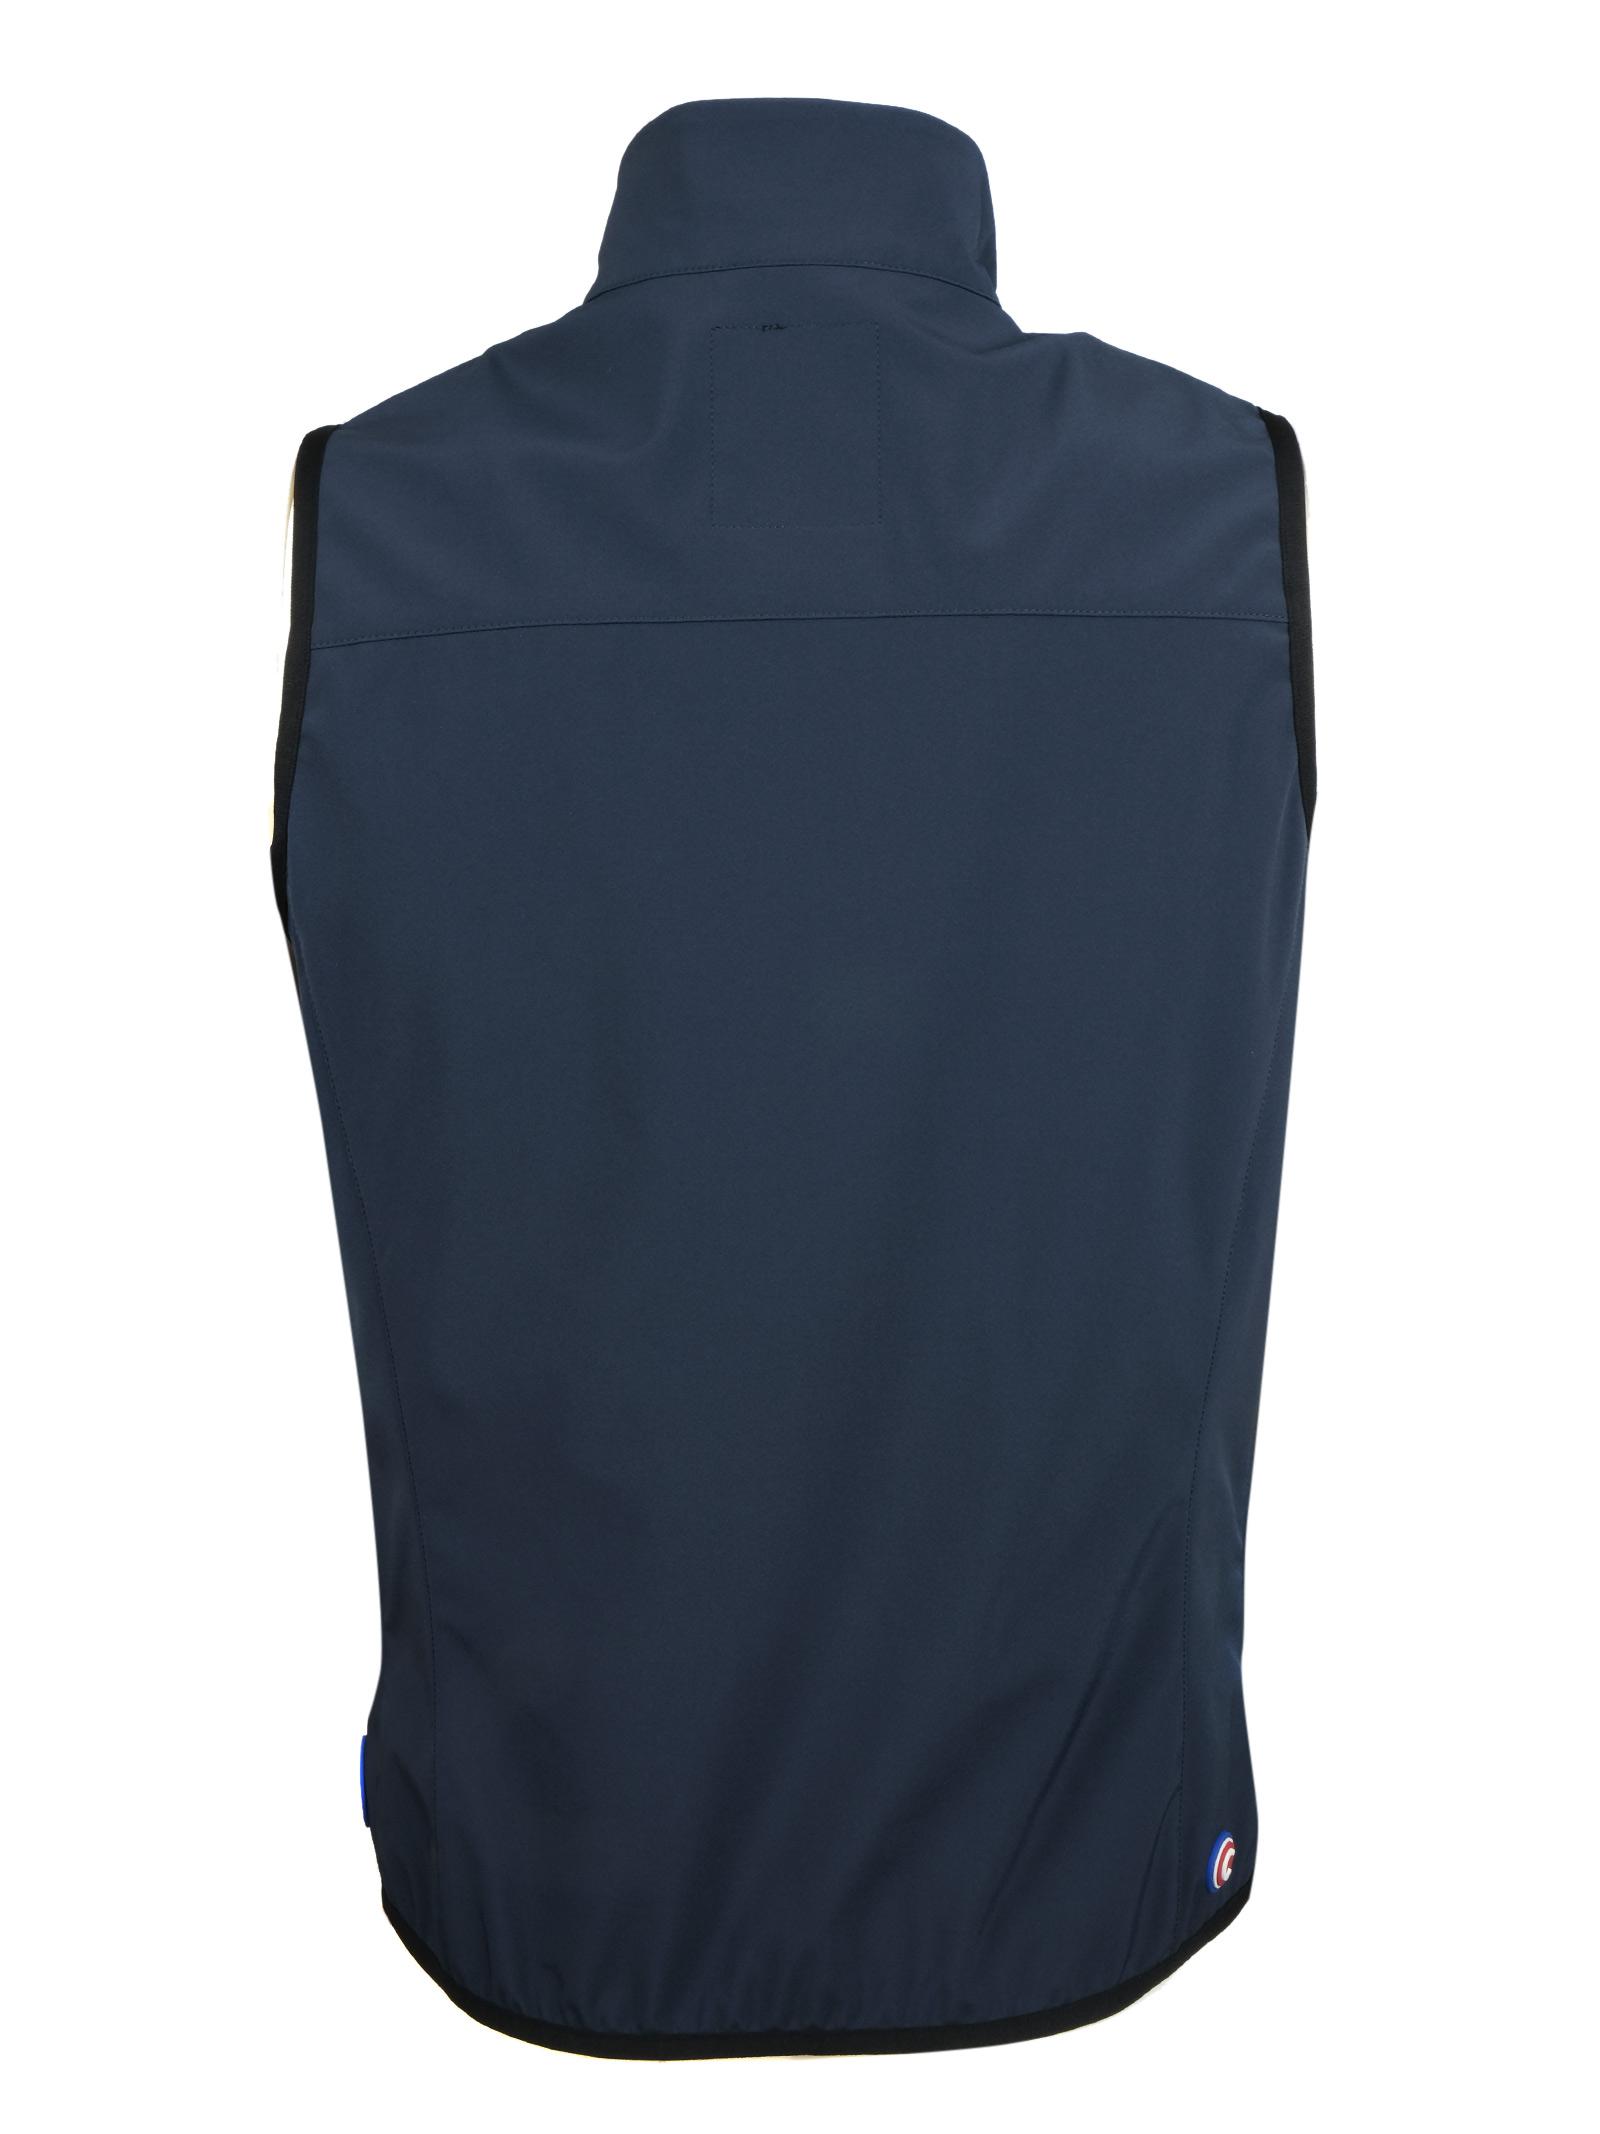 Stretch softshell vest COLMAR | Jackets | 1864 4UL68